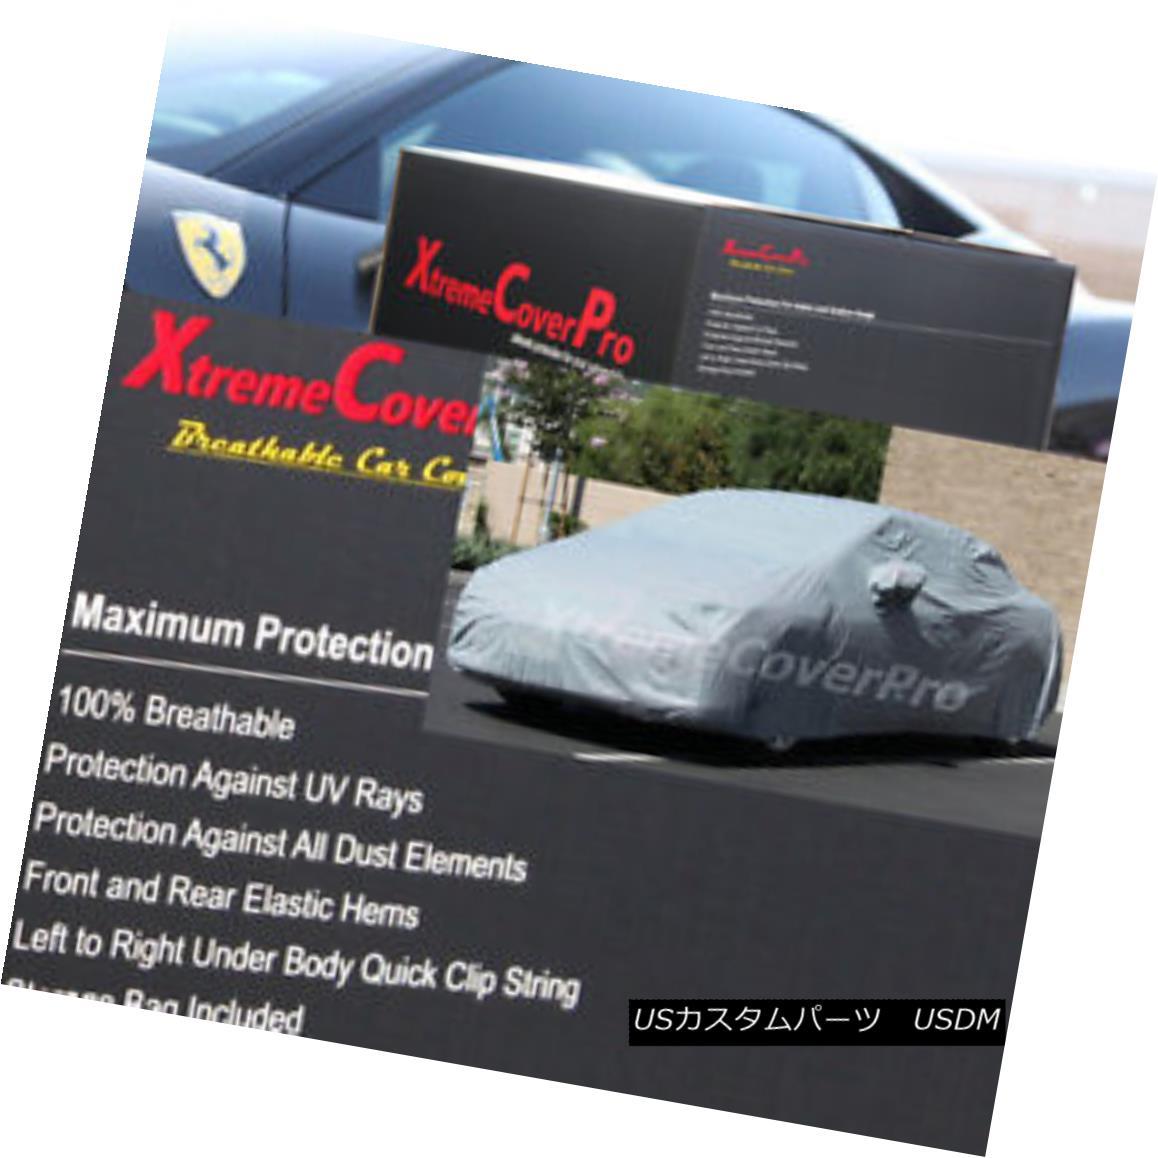 カーカバー 2014 LEXUS ES350 ES300h Breathable Car Cover w/ Mirror Pocket 2014レクサスES350 ES300h通気性の車カバー(ミラーポケット付)